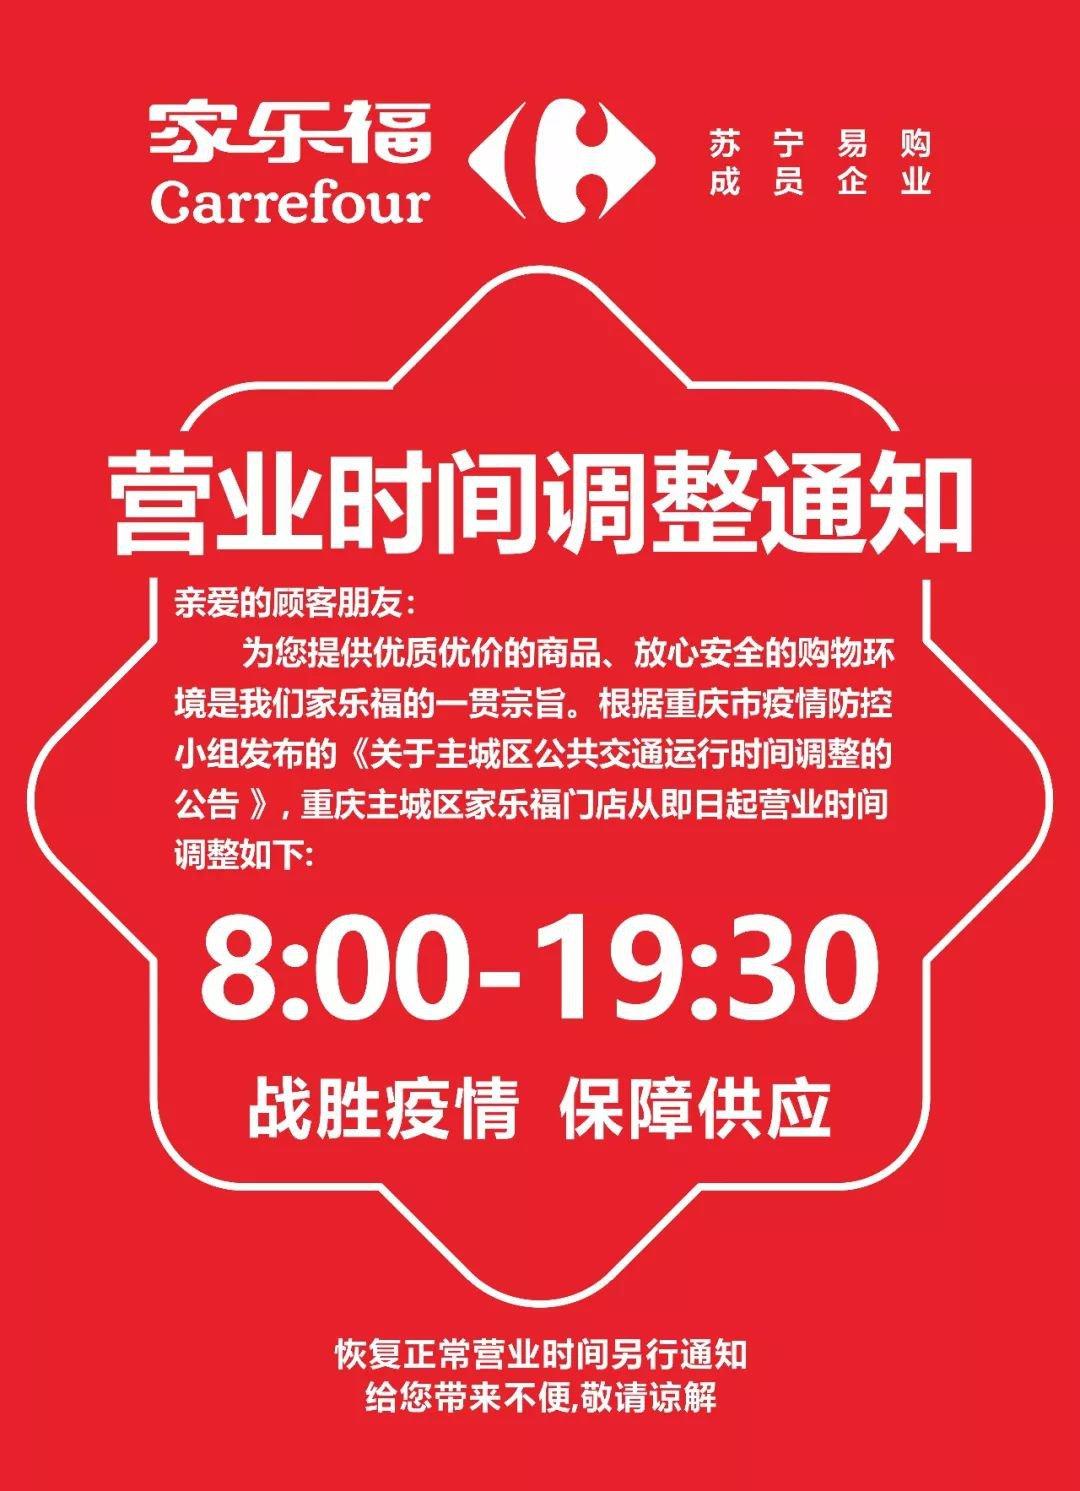 2020肺炎期间重庆家乐福超市营业时间(持续更新)